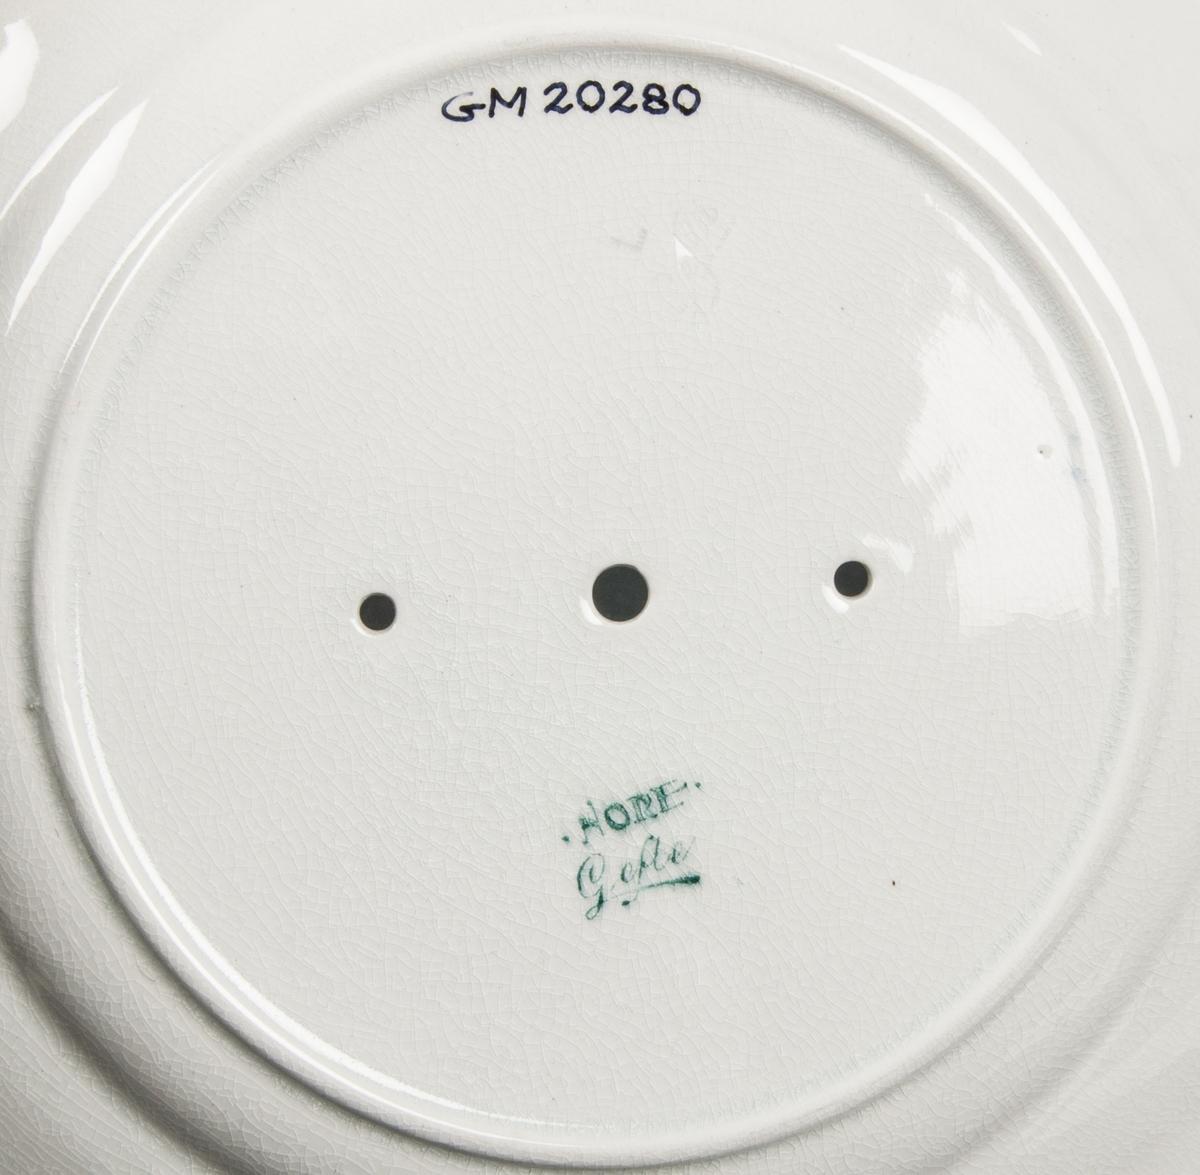 """Tallrik, flat, av flintgods, tillverkad av Gefle Porslinsfabrik, modell -B. Okänd formgivare. Rund med markerat, brett avsatt bräm. Något vågig kant. Rund fotring. Tre hål i spegeln, två fästhål och ett för inkoppling av urverk med visare. Spegeln är dekorerad som en urtavla med siffror och prickar. På bräm koppargravyrtryckt standarddekor """"Nore"""" av gravör Herbert Perje, blågrön broderiliknande kantbård med vita blommor i två- och trepassmönster samt pärlbård mot vit glasyrfond. Blågrön stämpel under """"Nore Gefle""""."""